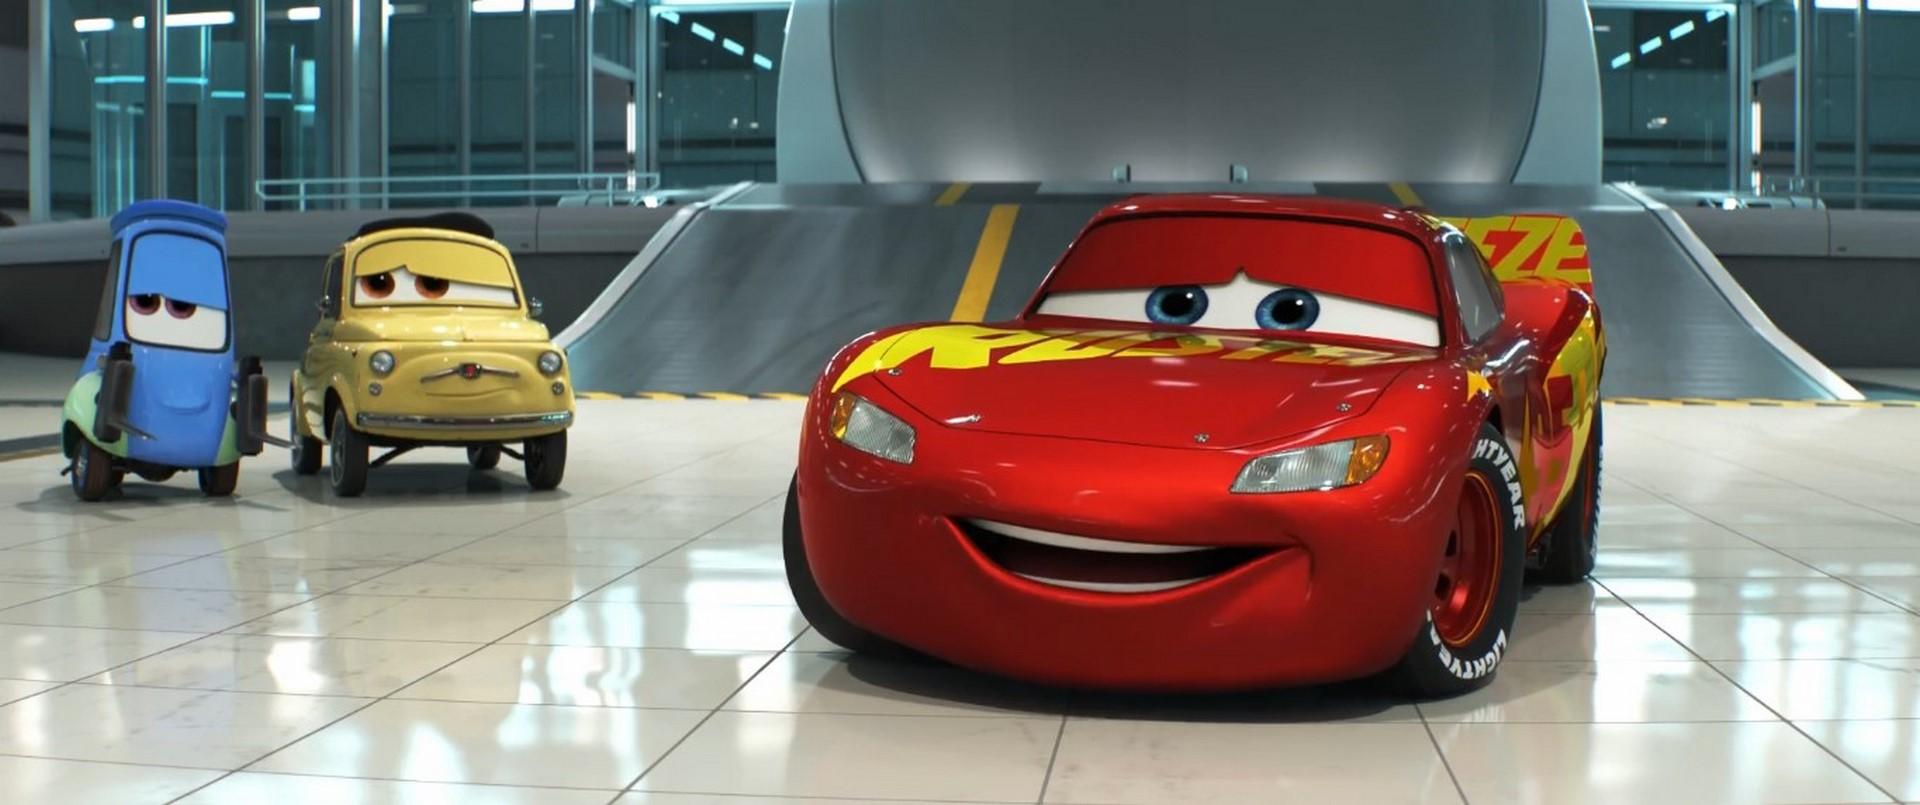 Image - Cars 3 23.jpg | Pixar Wiki | FANDOM powered by Wikia